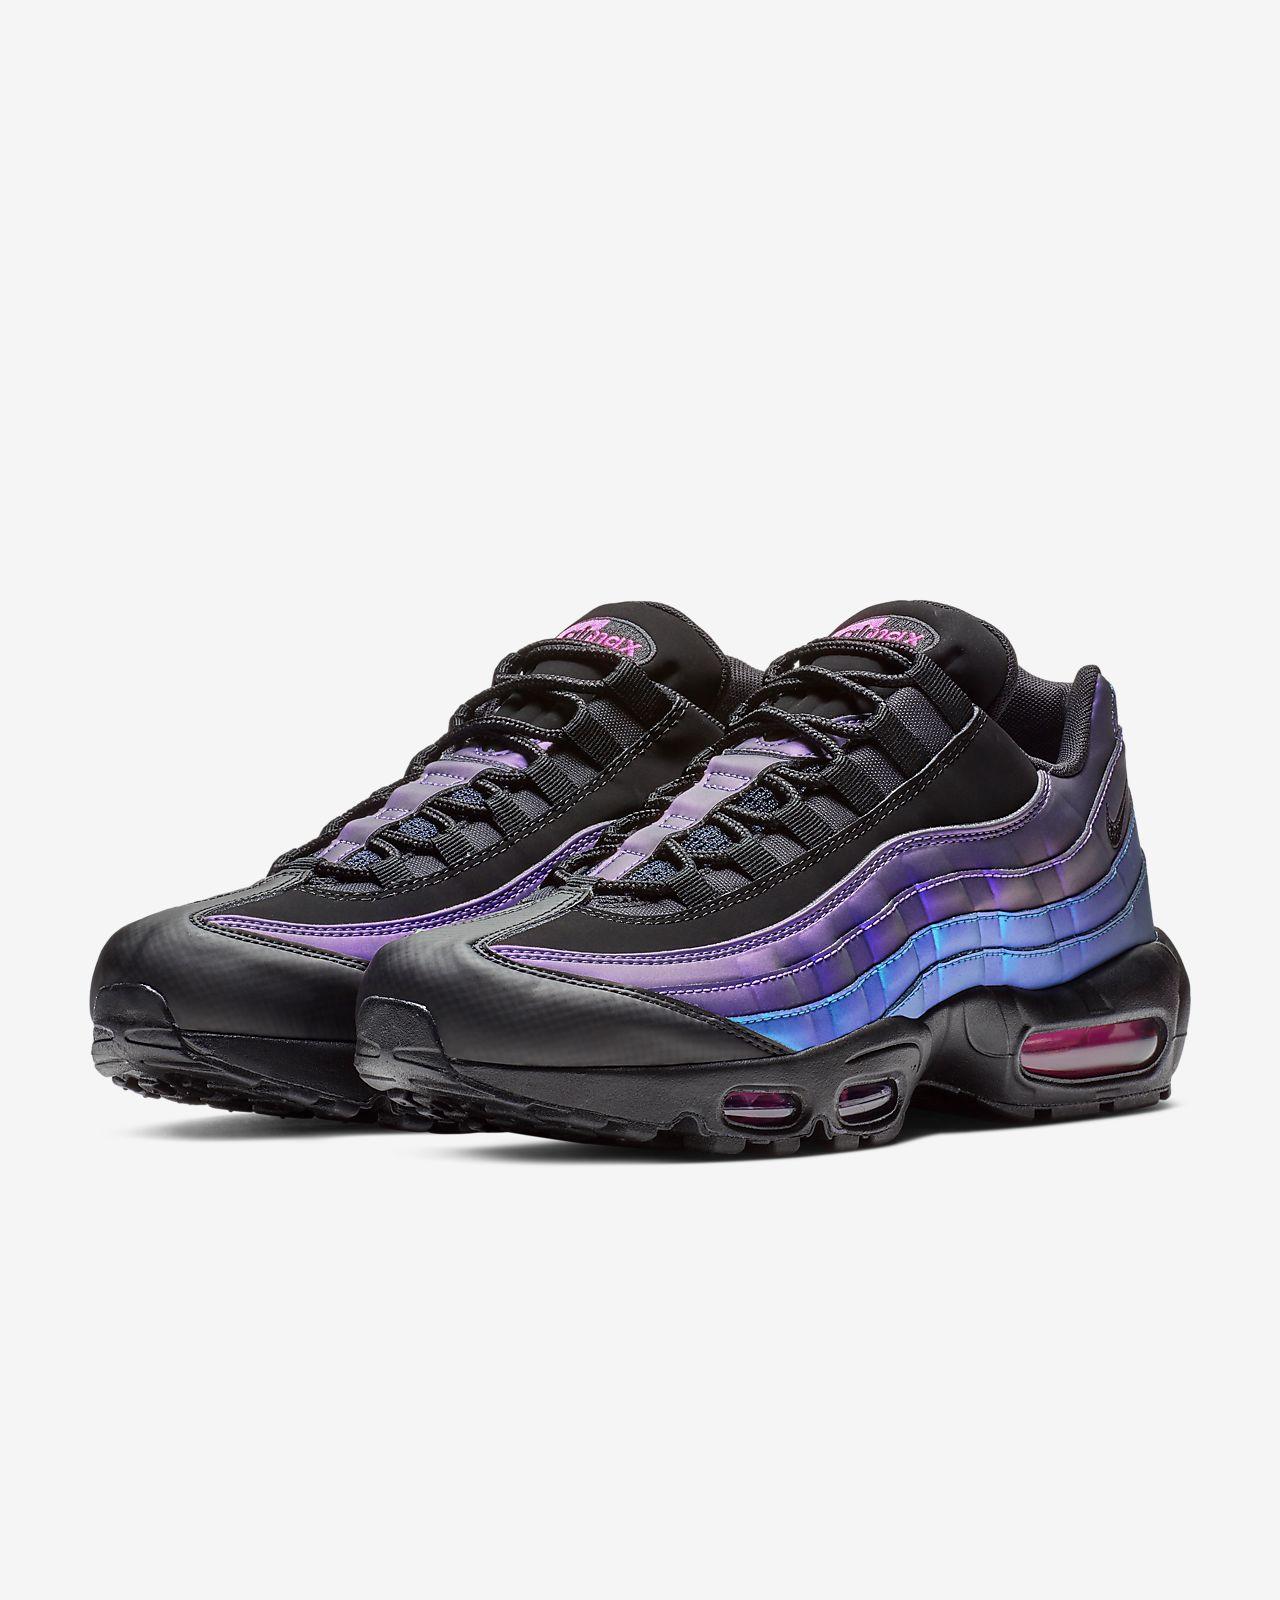 on sale 1c467 ccb48 ... Nike Air Max 95 Premium Men s Shoe